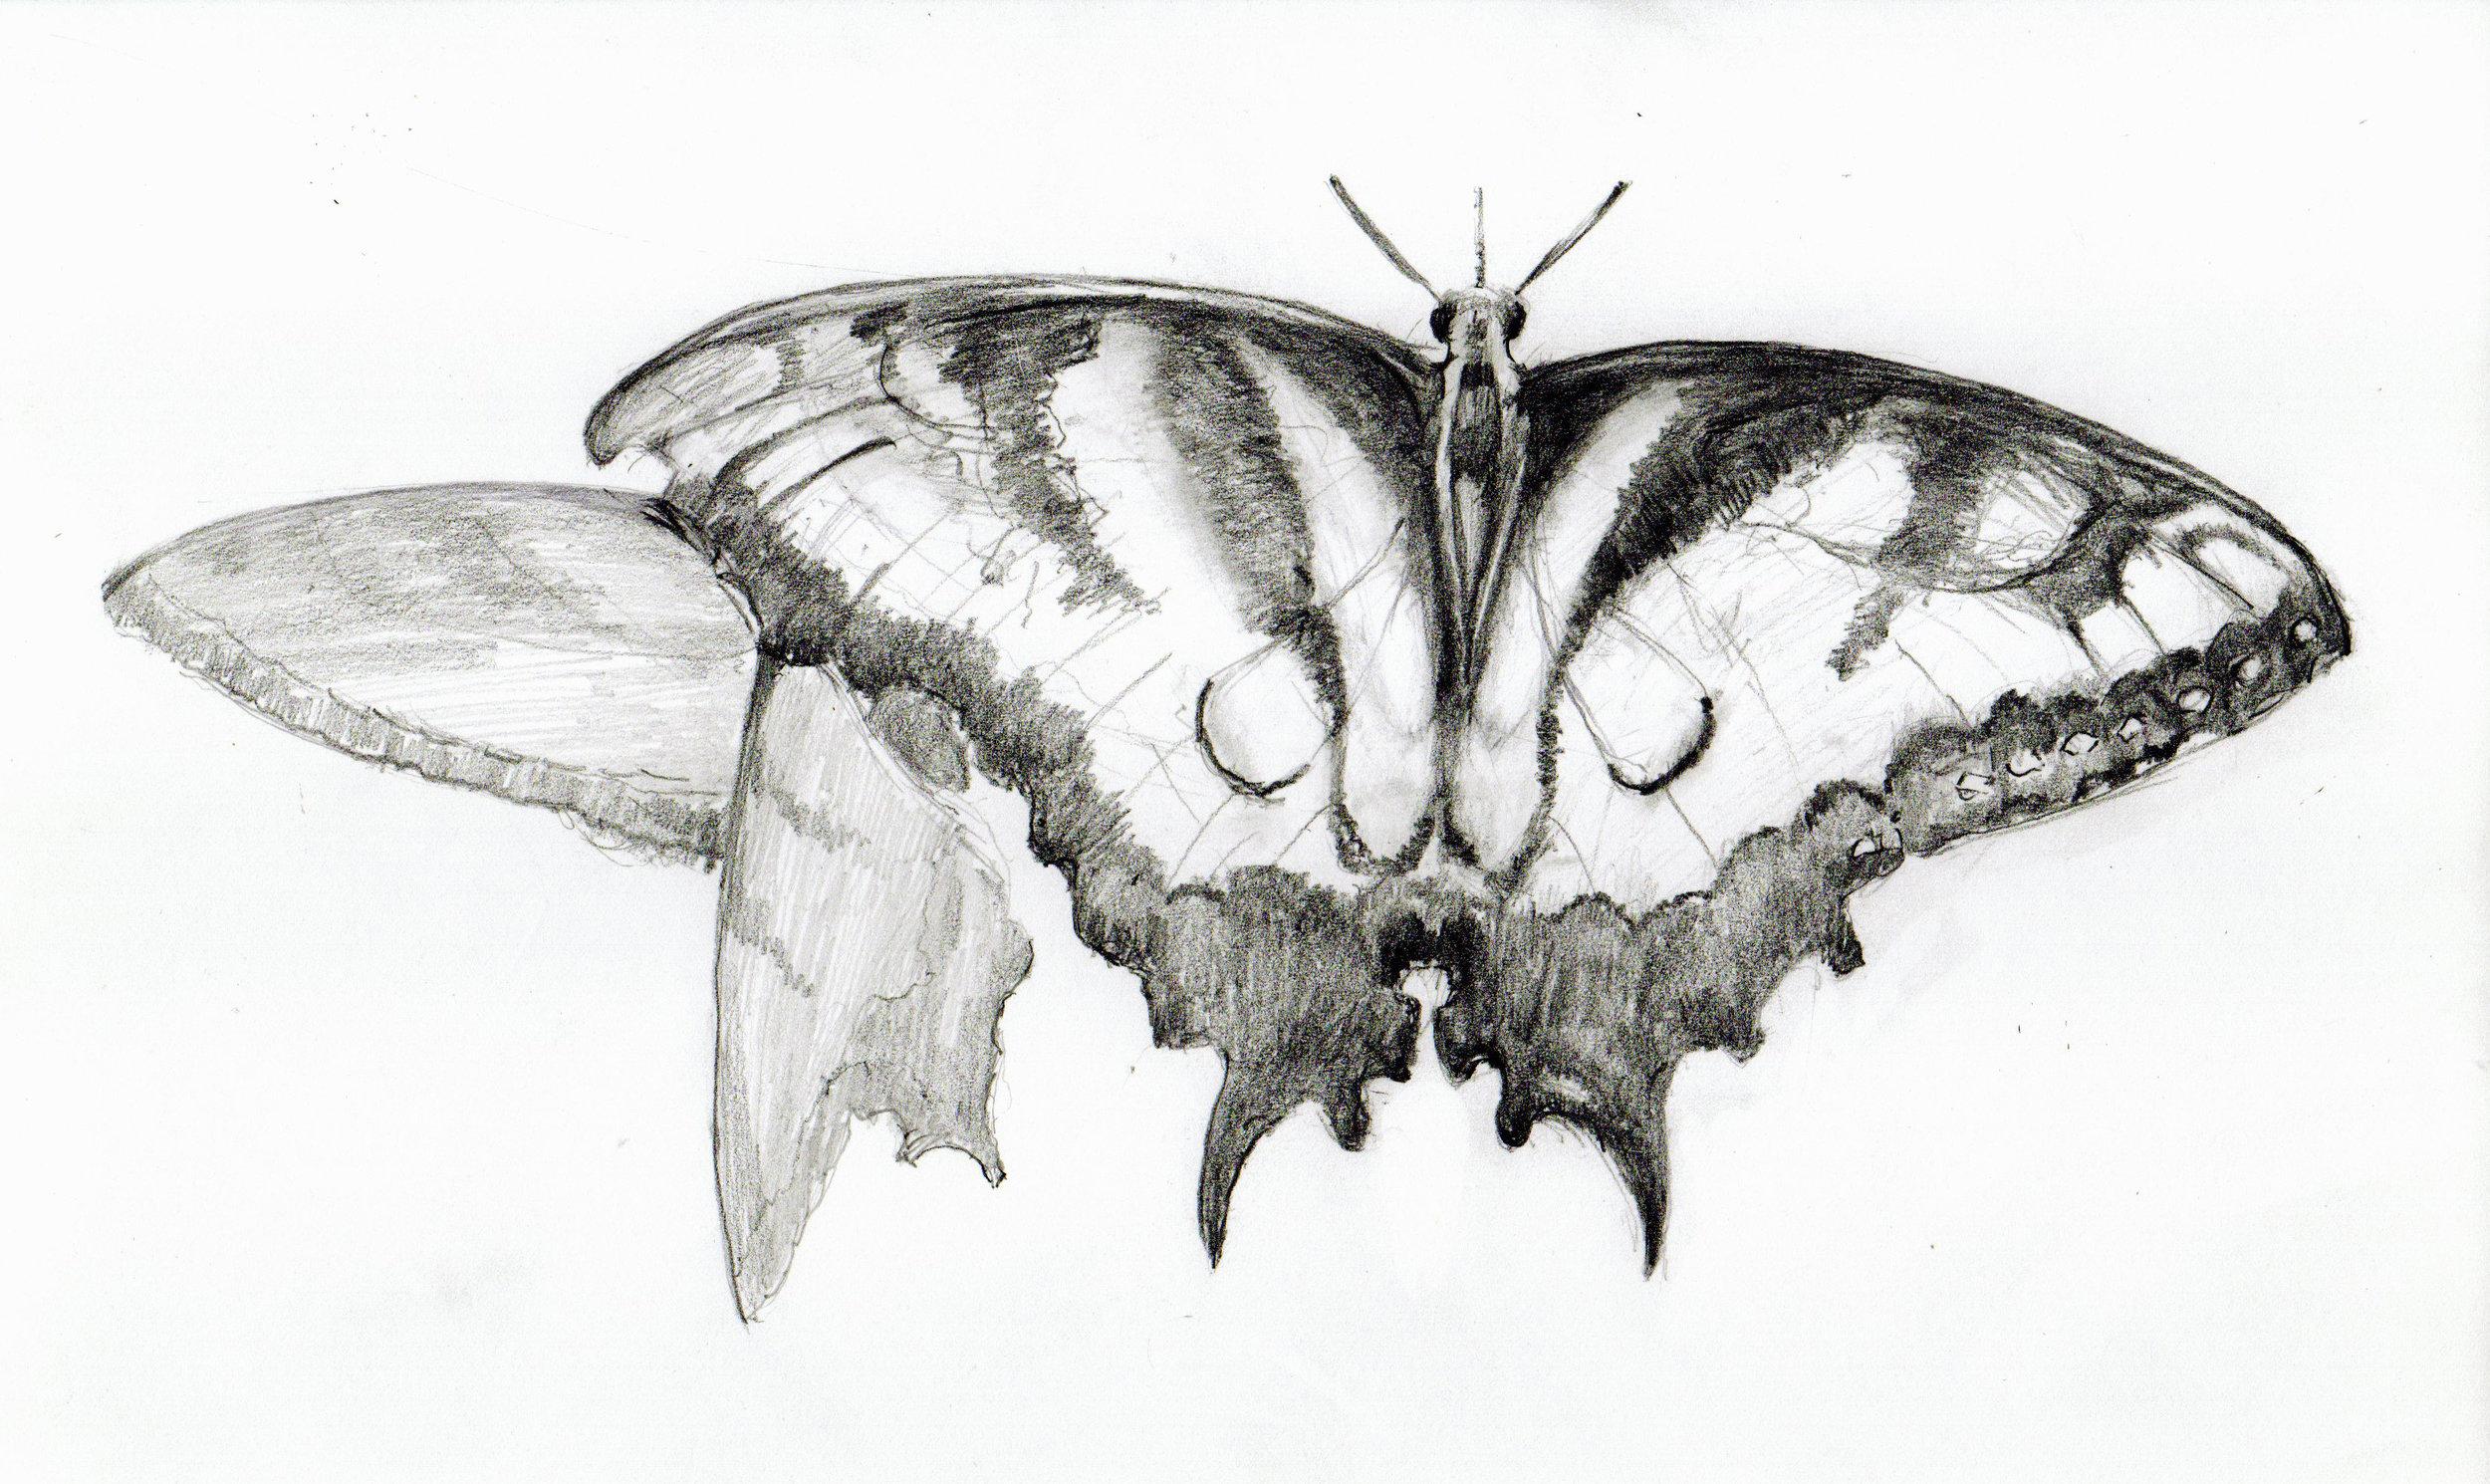 Butterfly_drawing-1.jpg